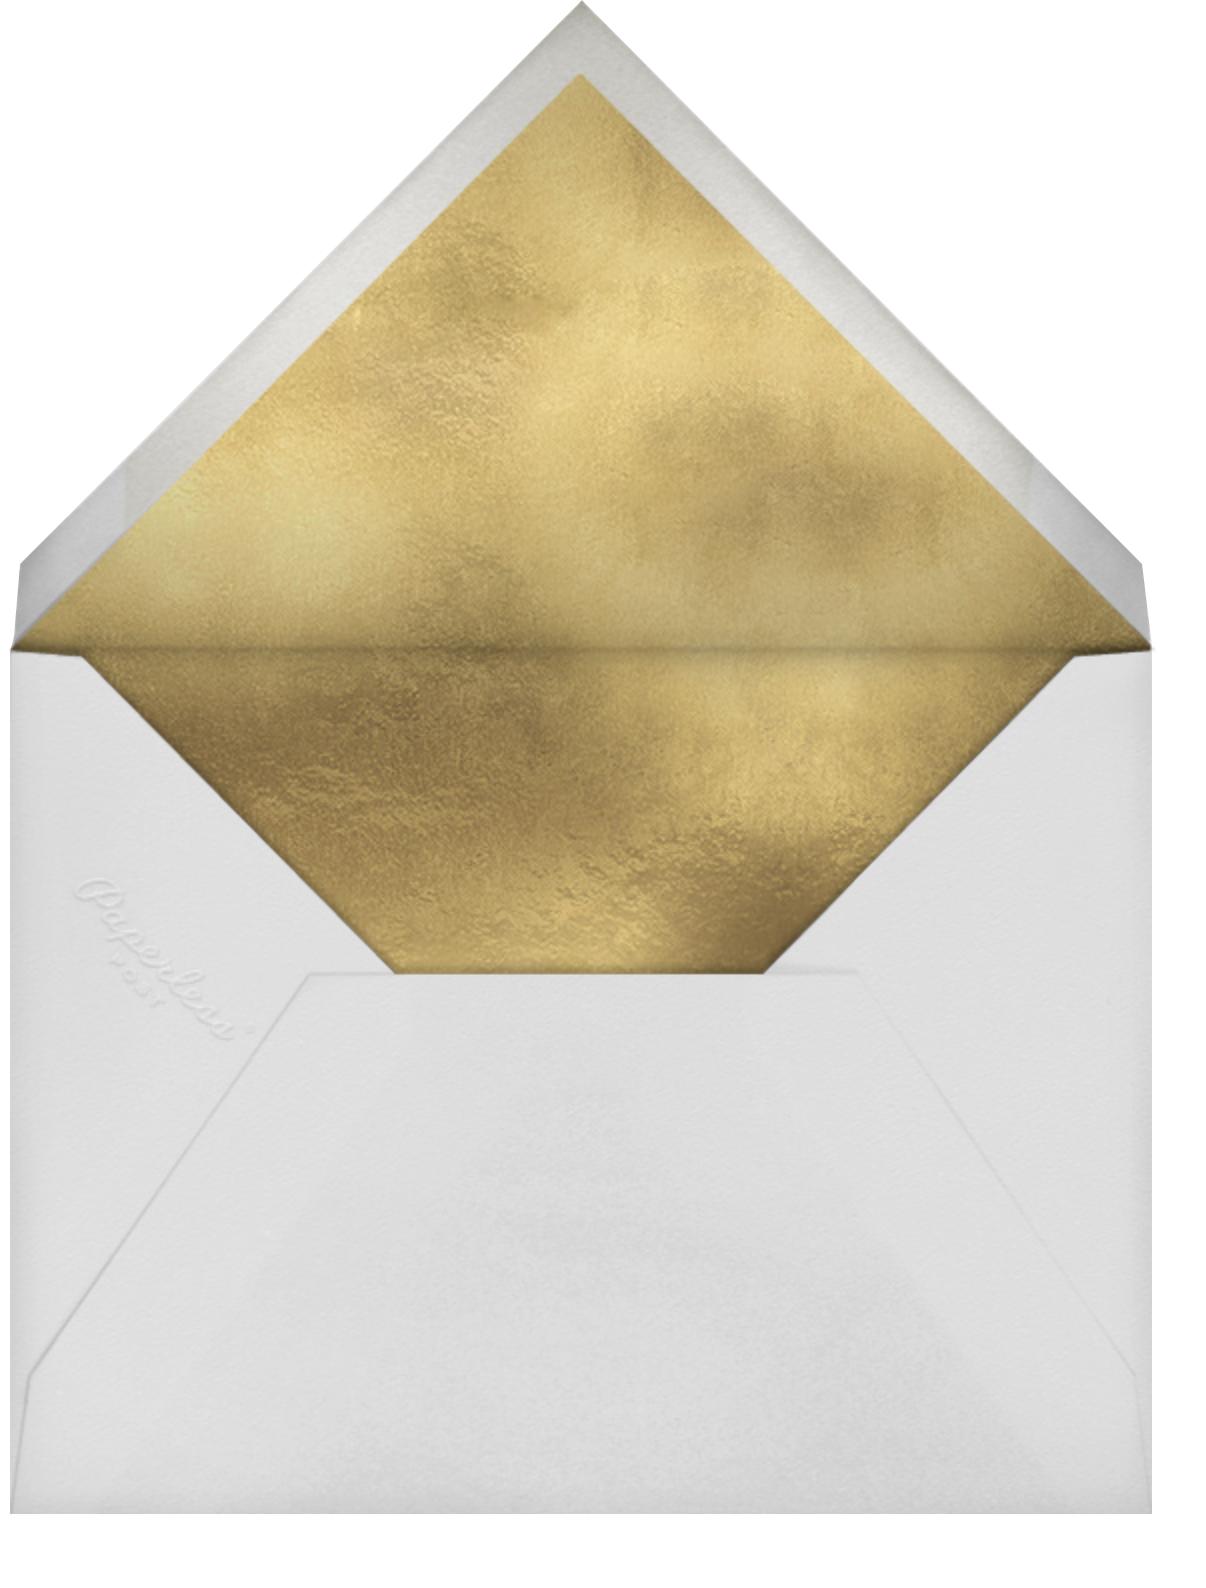 Ethereal Wash Photo - Ashley G - Birth - envelope back